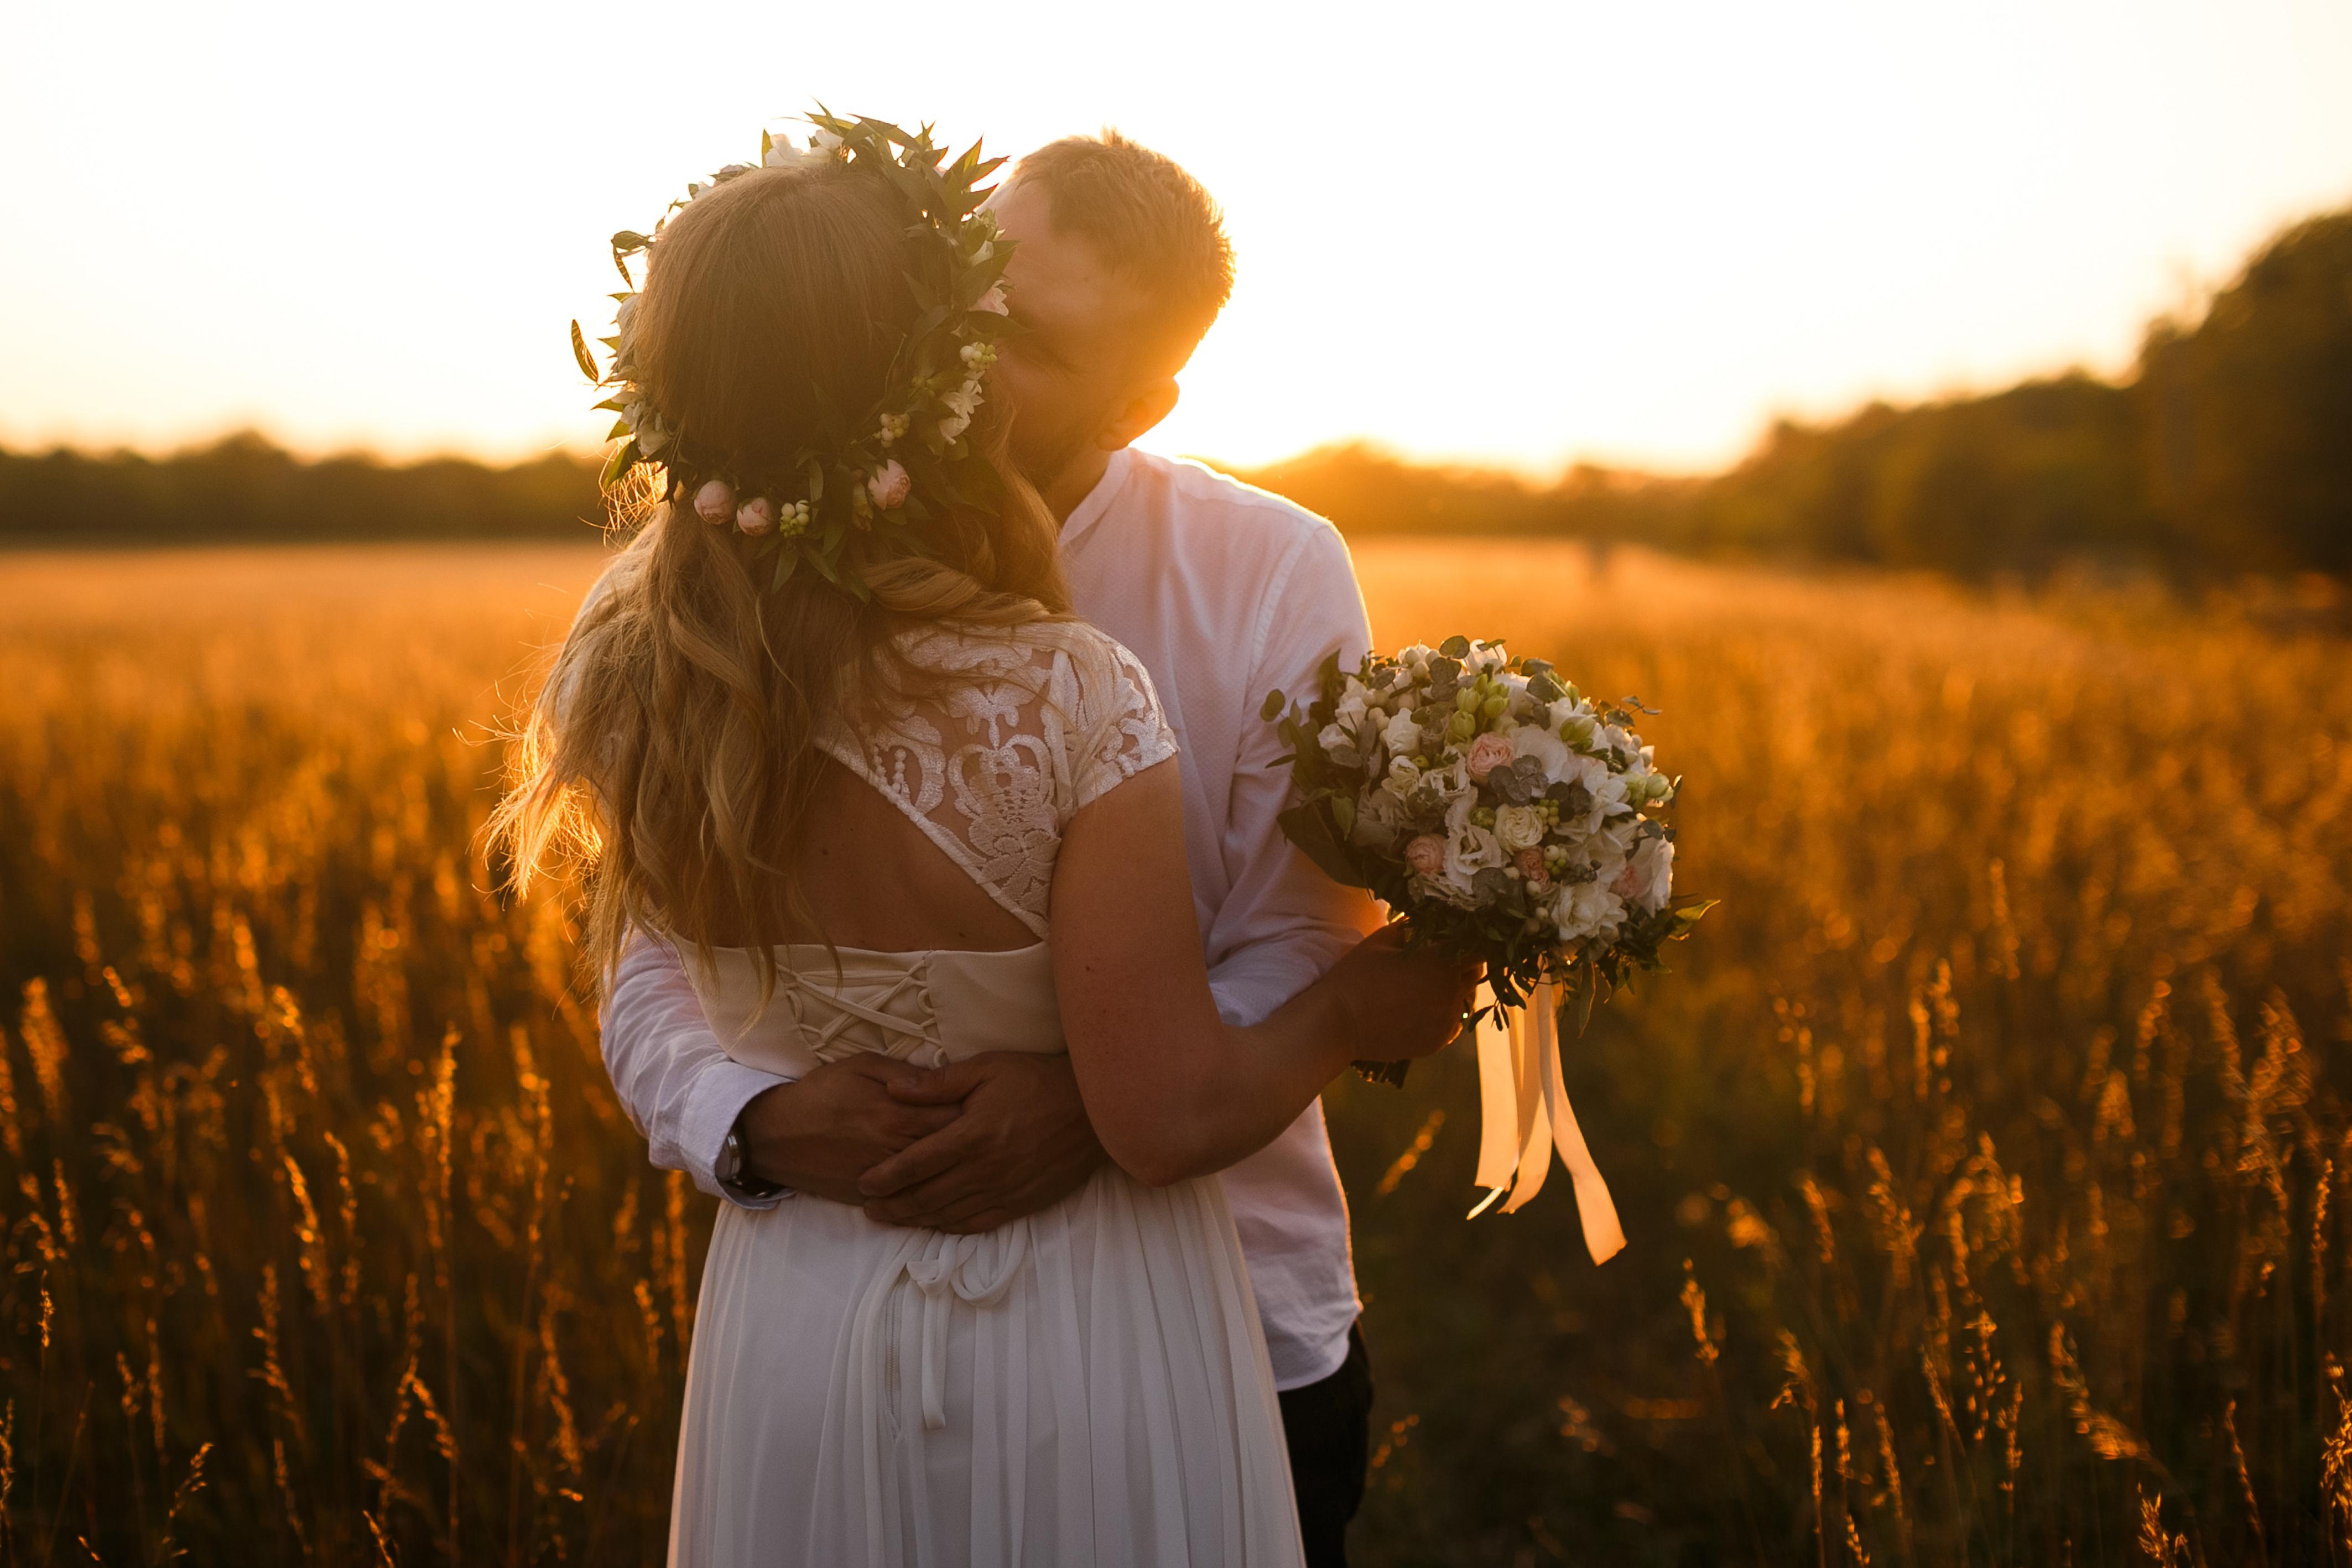 Hochzeit, Herz, Liebe, Brautpaar